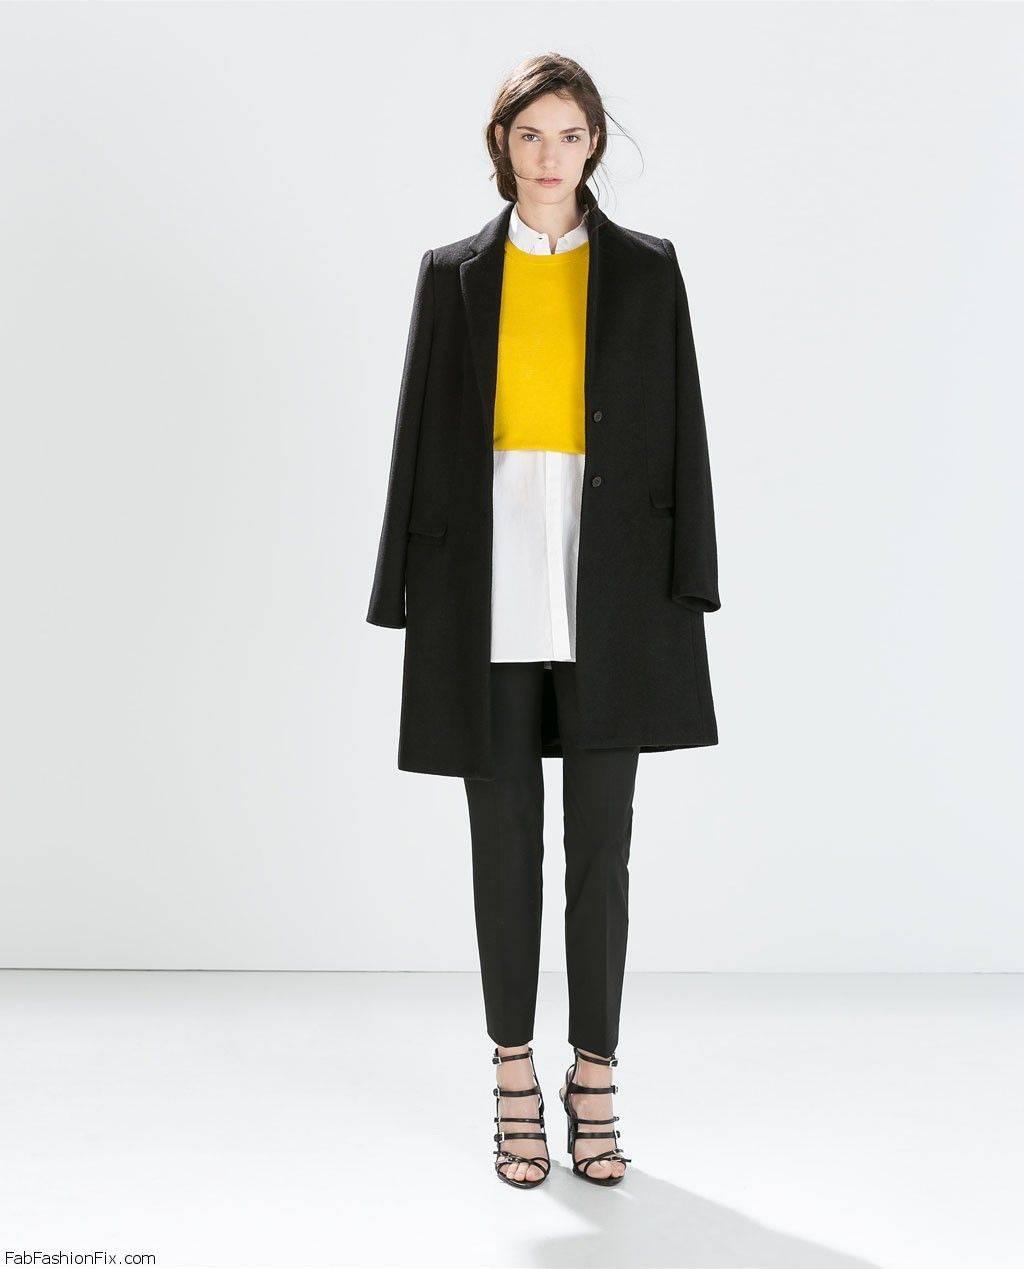 ZARA coats & jackets for fall/winter 2014